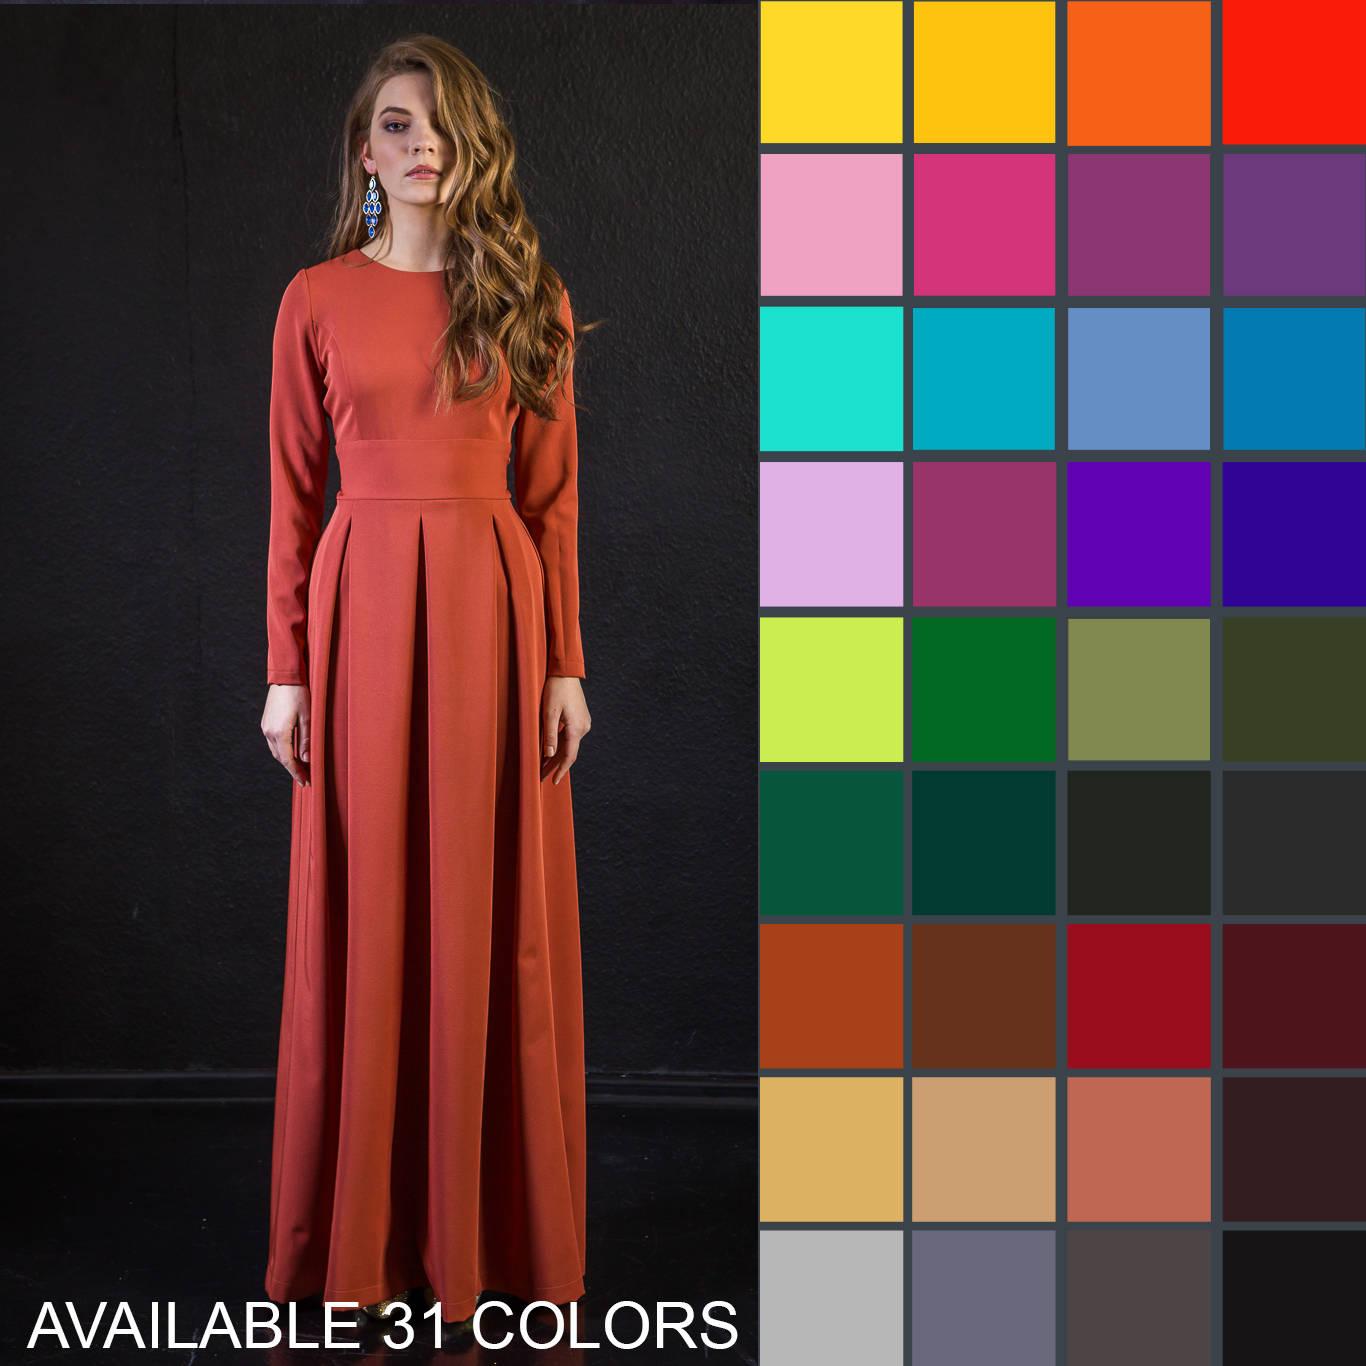 Rotes Kleid Kleid Winterkleid Plus Größe Maxi-Kleid